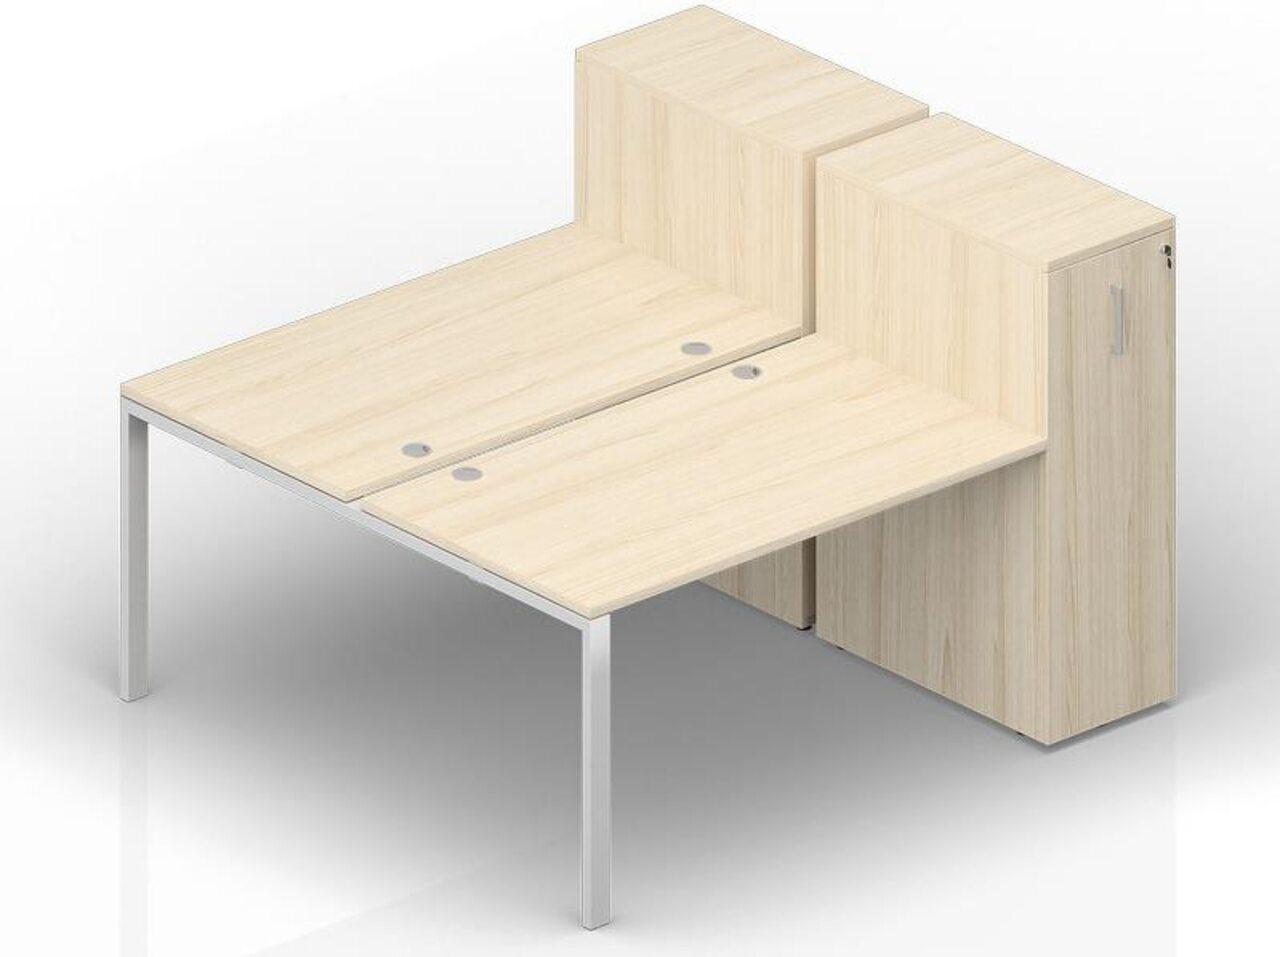 Составной стол на 2 рабочих места с приставными шкафами Tower  Strike 160x165x112 - фото 1